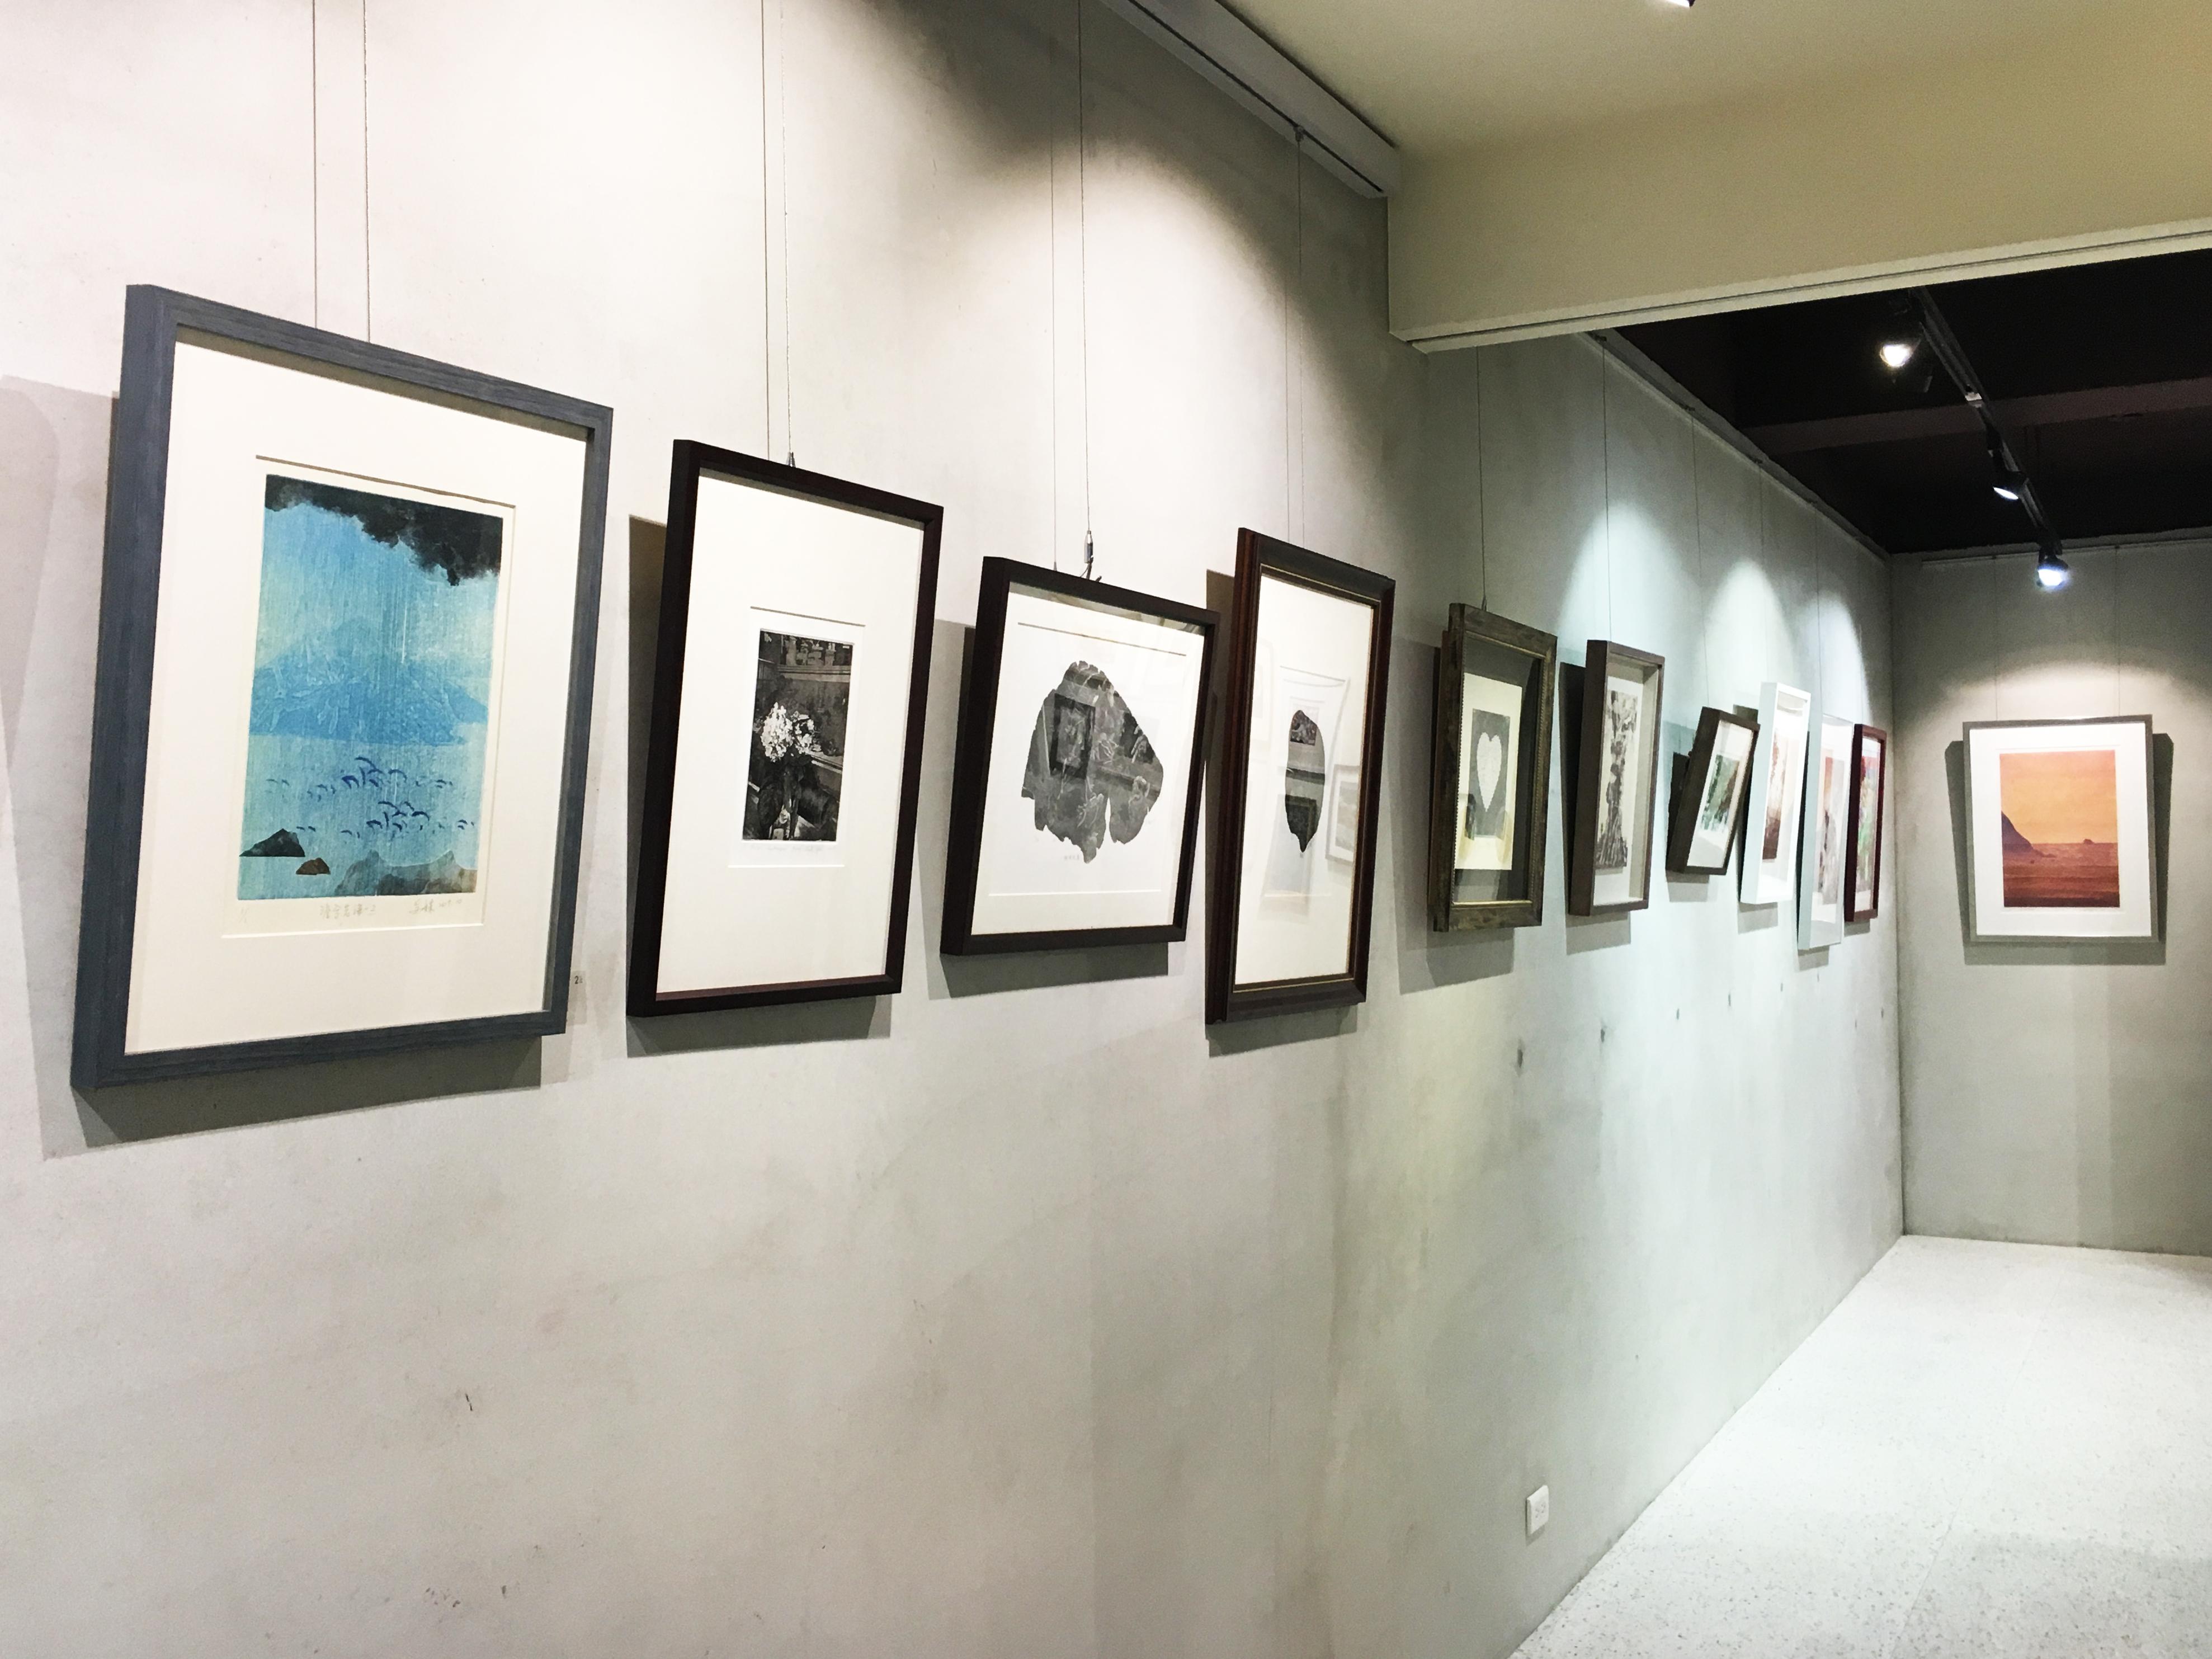 二空間展出臺灣、西班牙藝術家版畫交流展《自然》展場一隅。